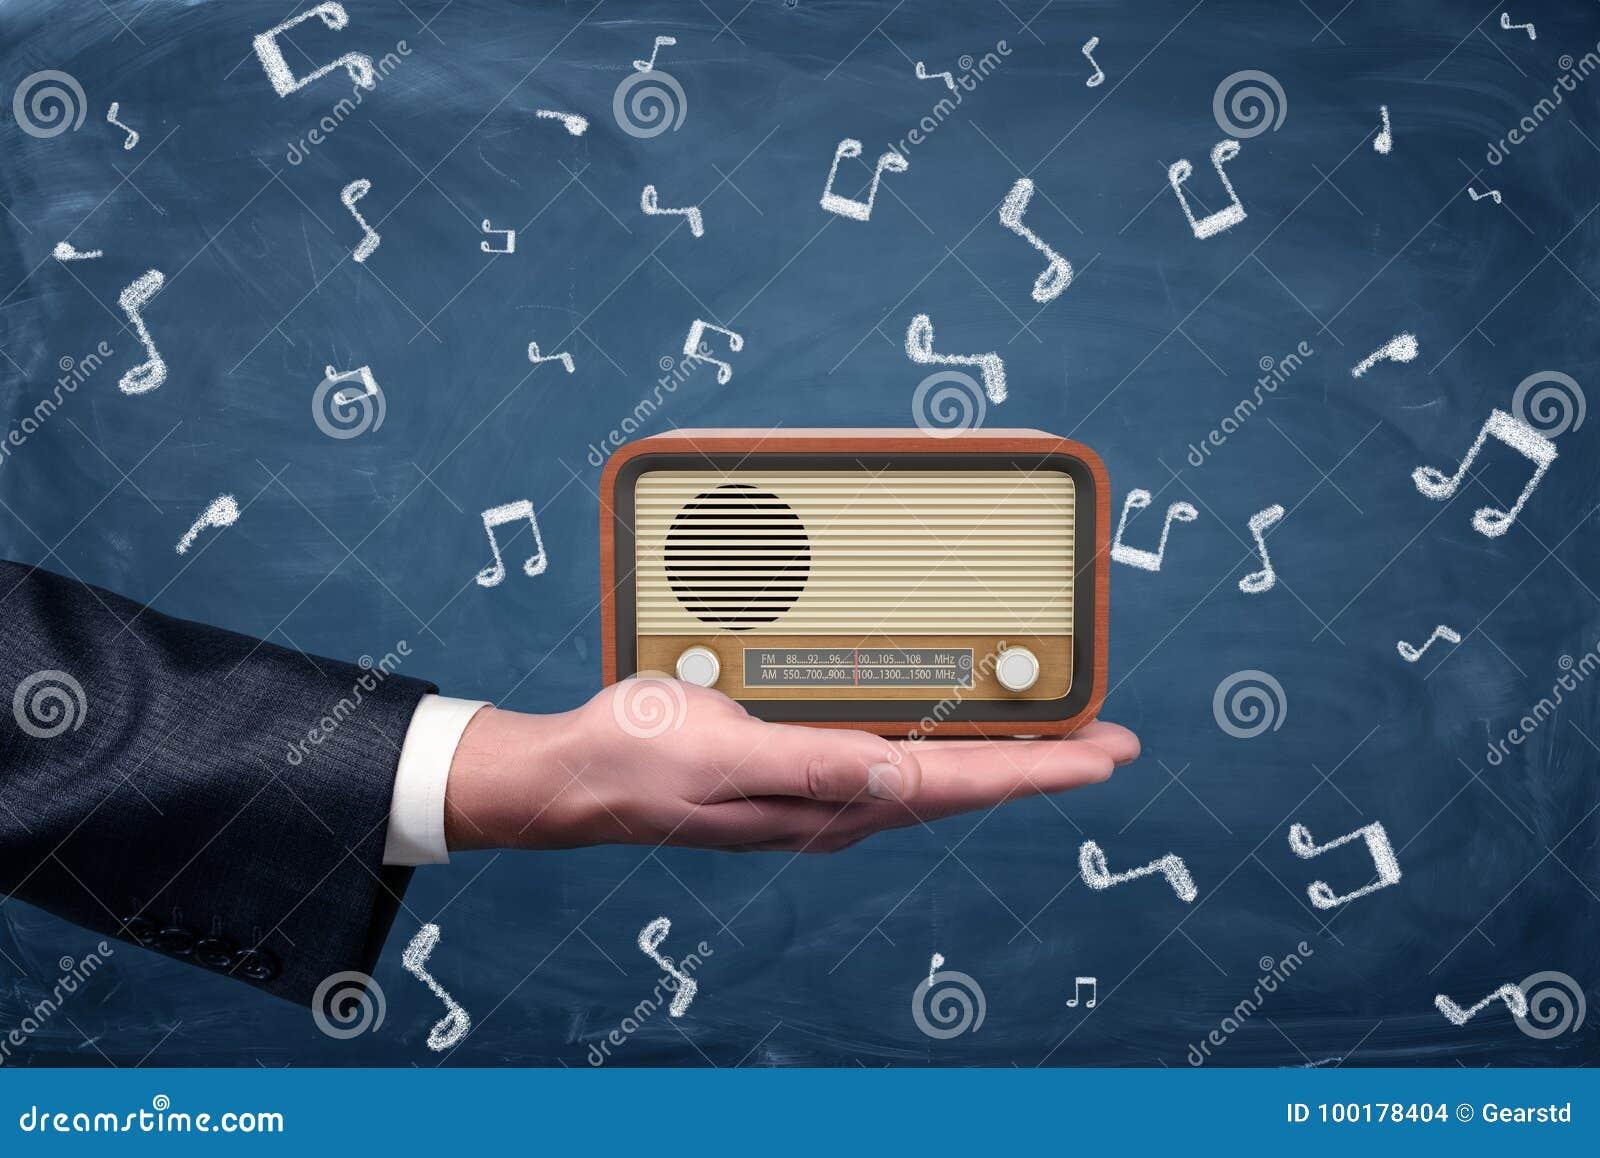 Una piccola retro radio con alloggio marrone e supporti anteriori gialli su una palma del ` s dell uomo d affari sul fondo della